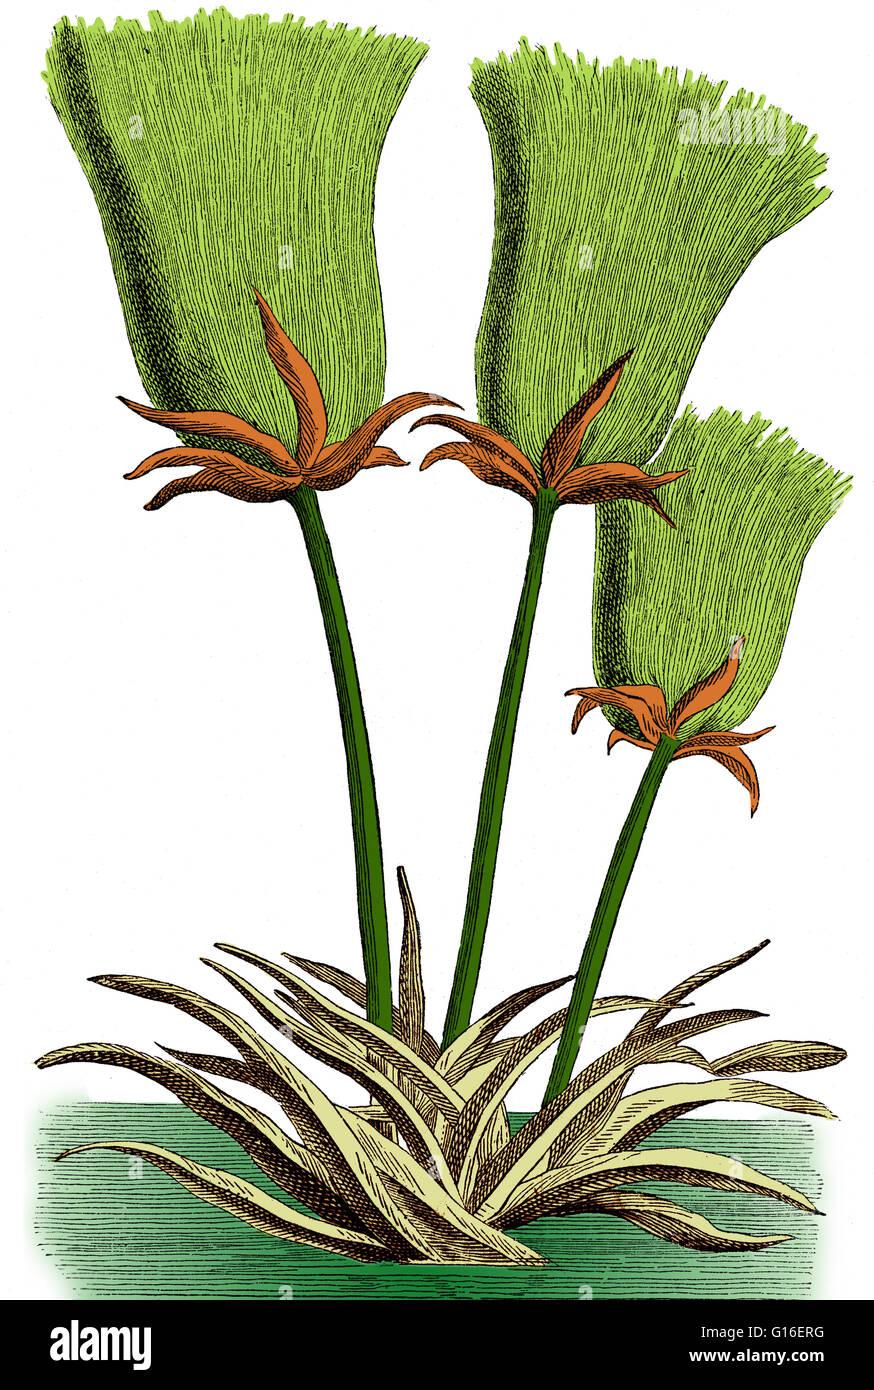 eingef rbte darstellung einer cyperus papyrus pflanze cyperus papyrus ist ein feuchtgebiet